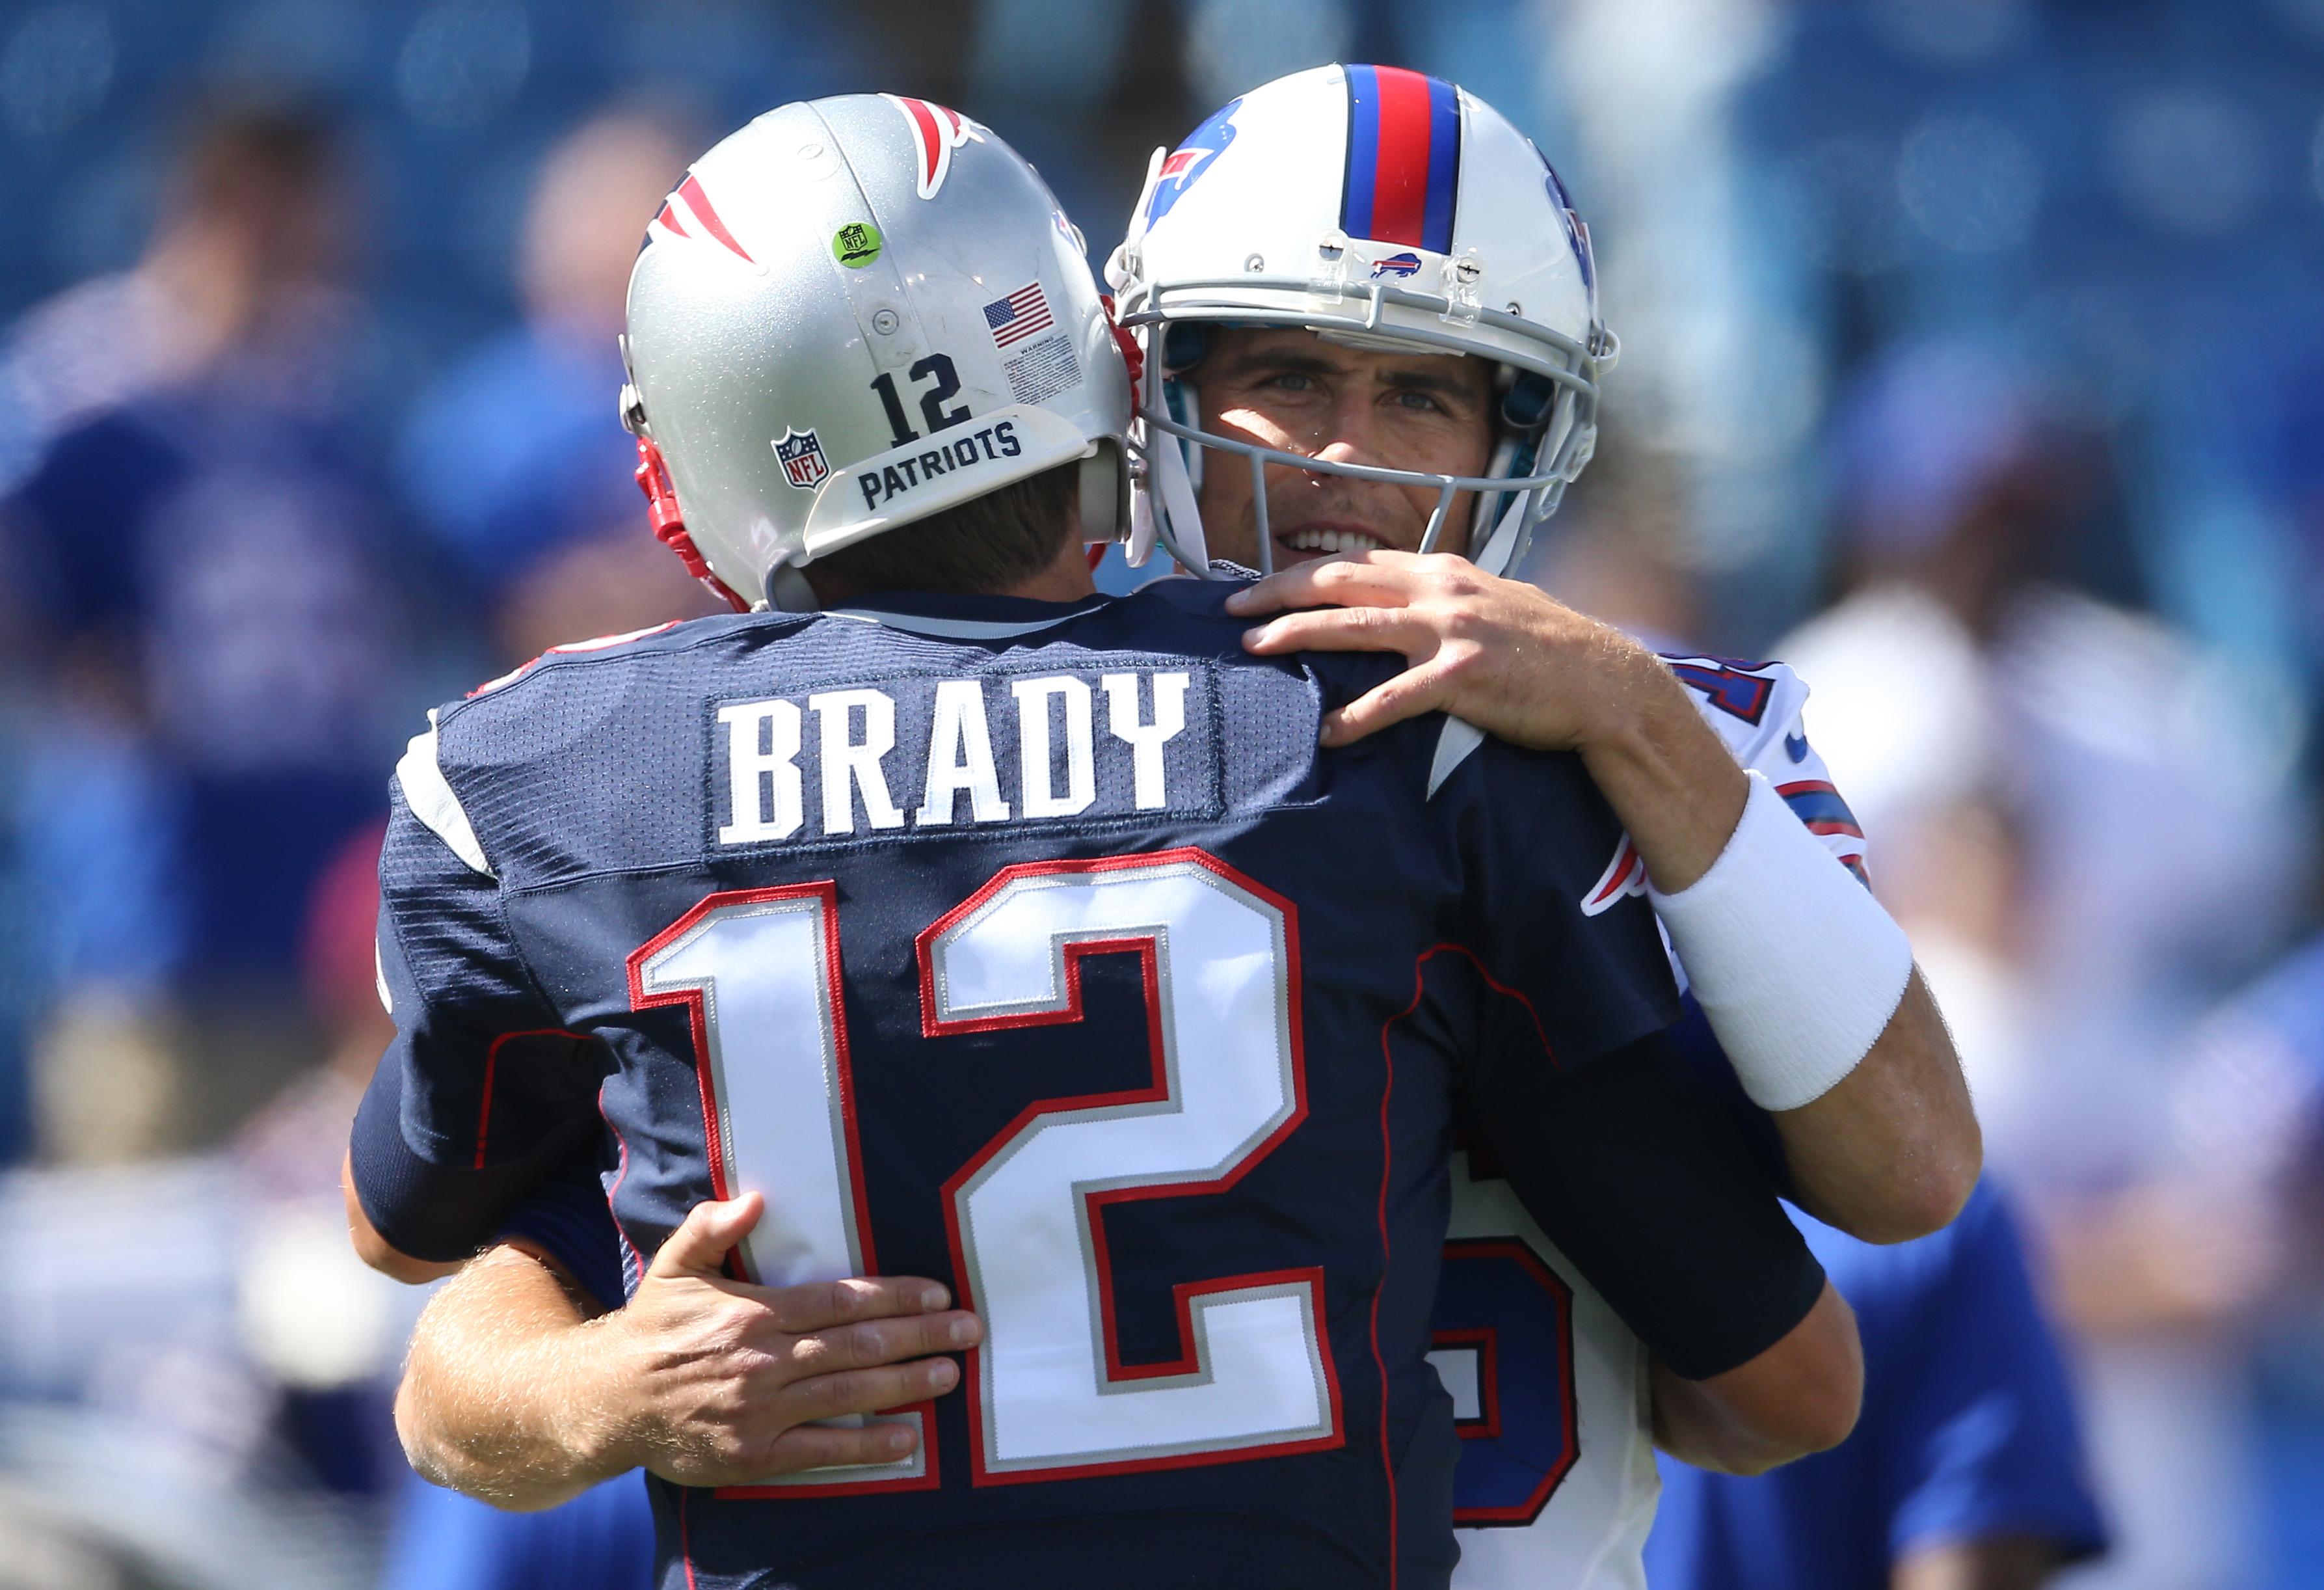 Quarterbacks Matt Cassel and Tom BRady